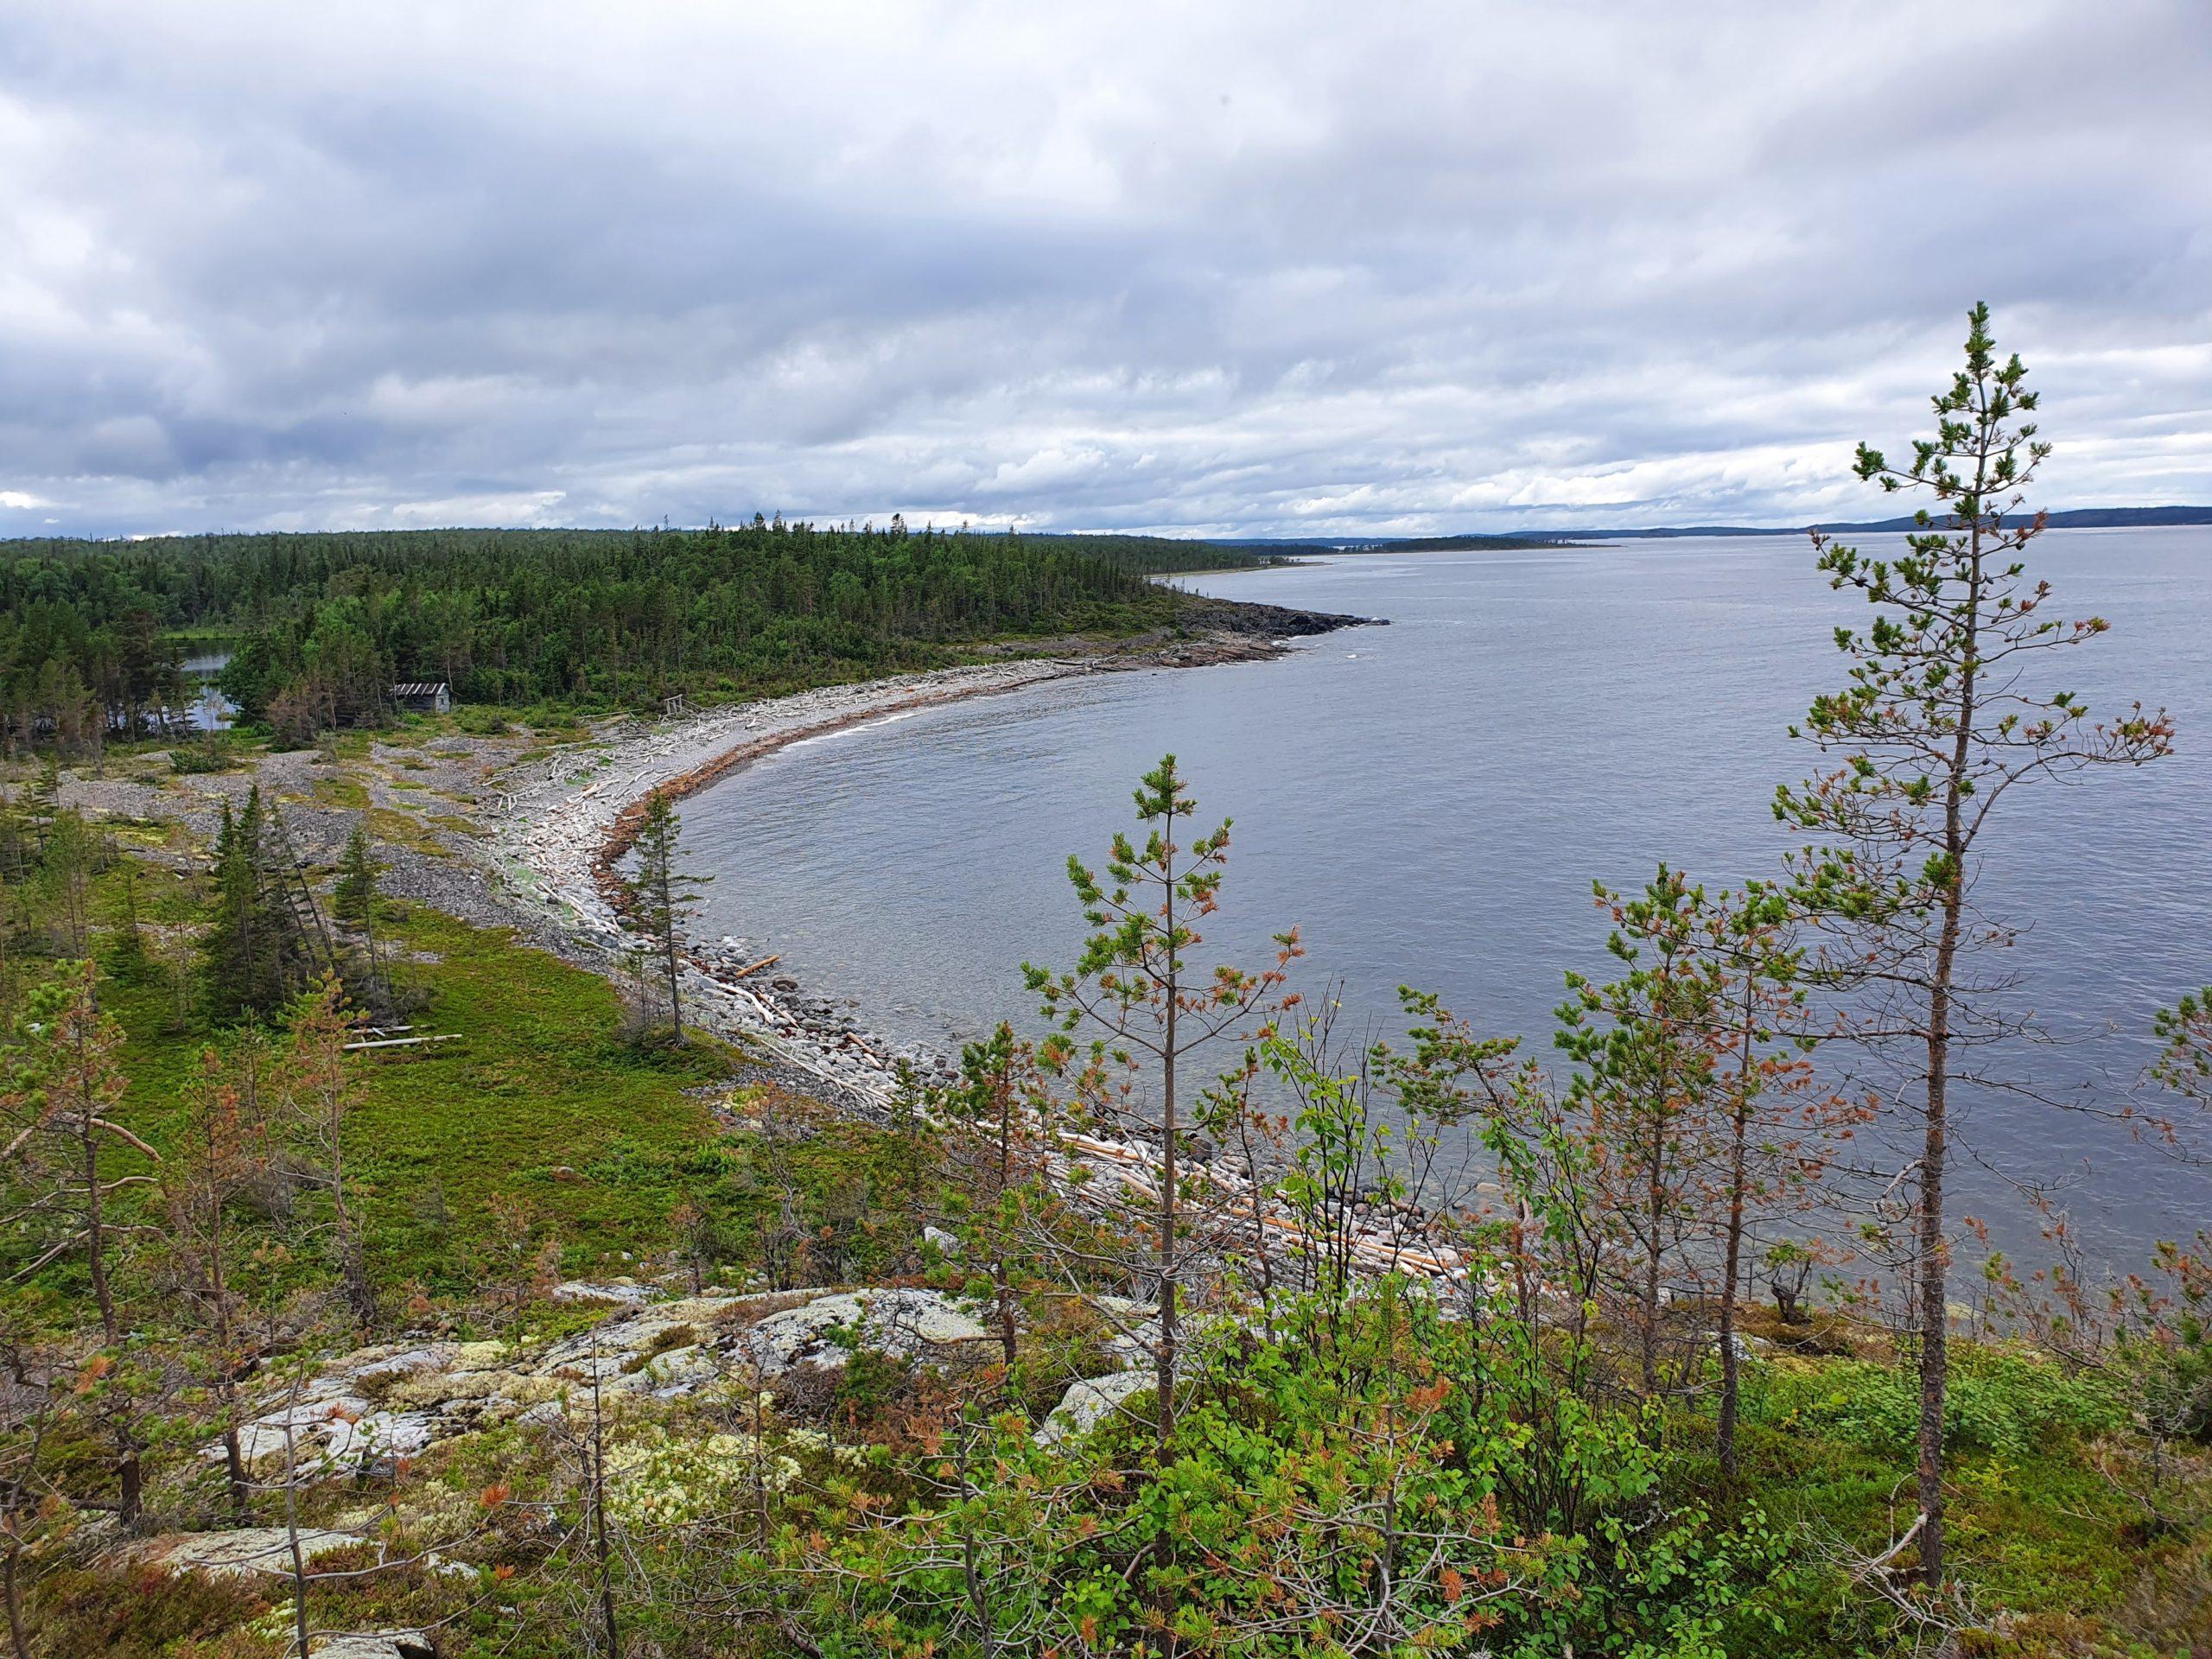 Обрывистый северный берег Пежострова с рыбацкой избушкой и озером позади.